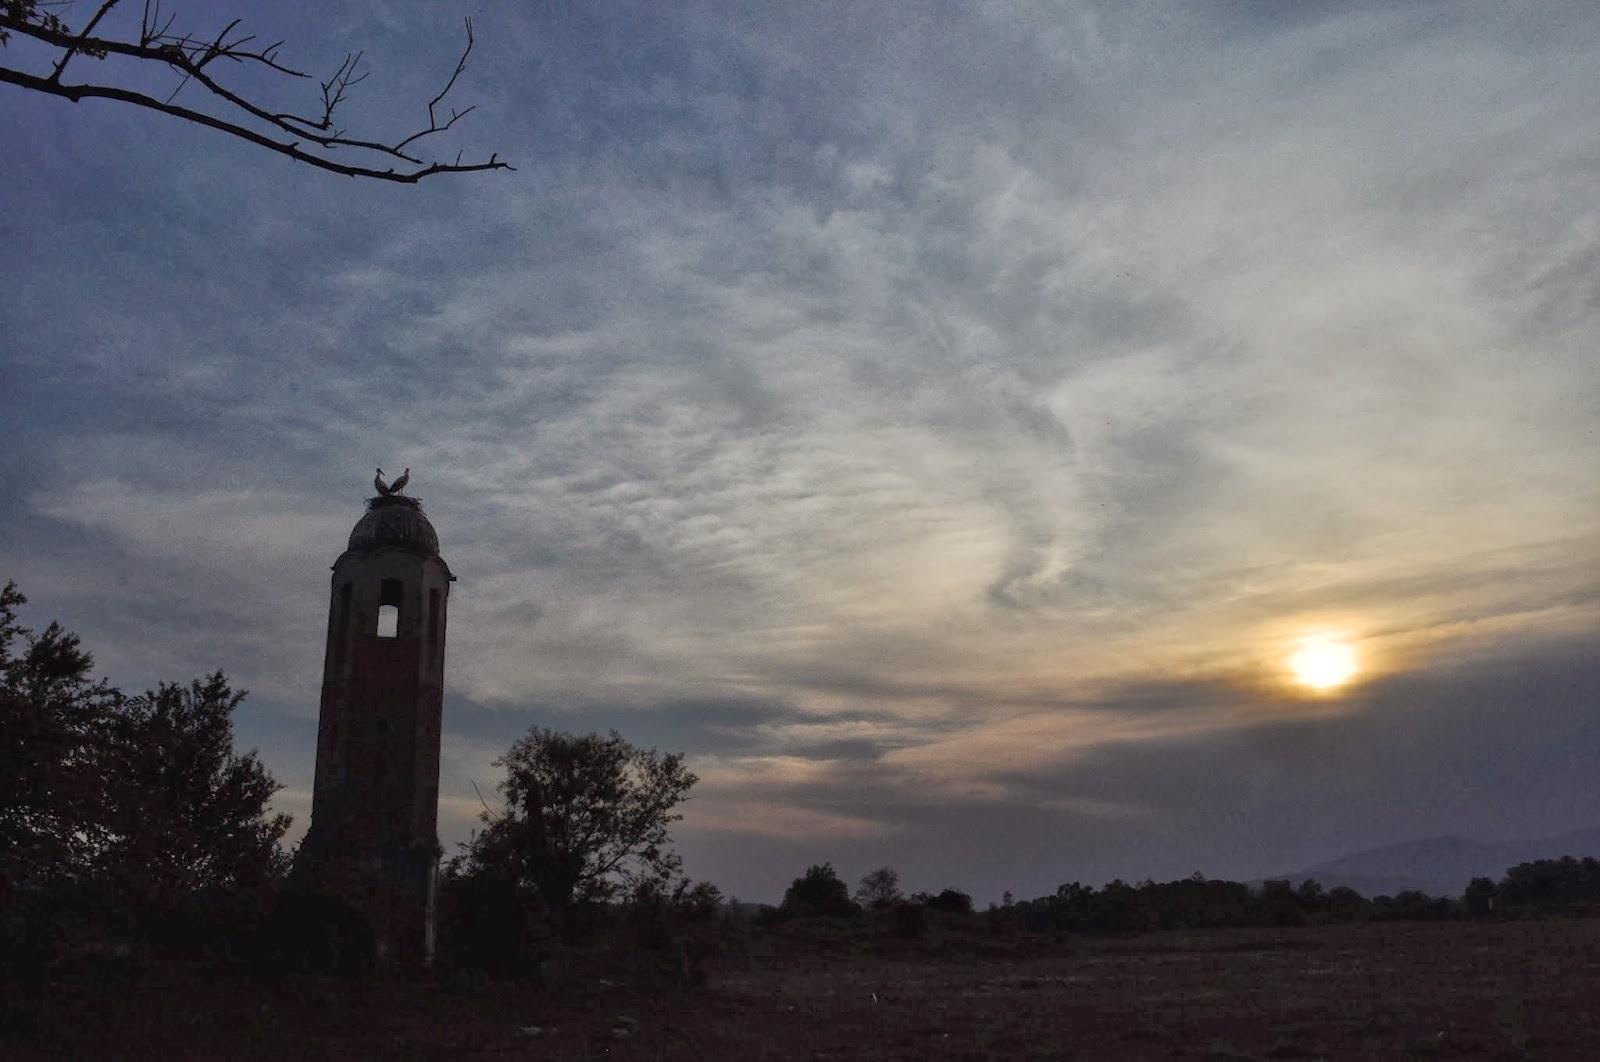 """Нощта бавно се спуска над църквата """"Св. Атанасий"""" край язовира под зоркия поглед на семейство щъркели."""